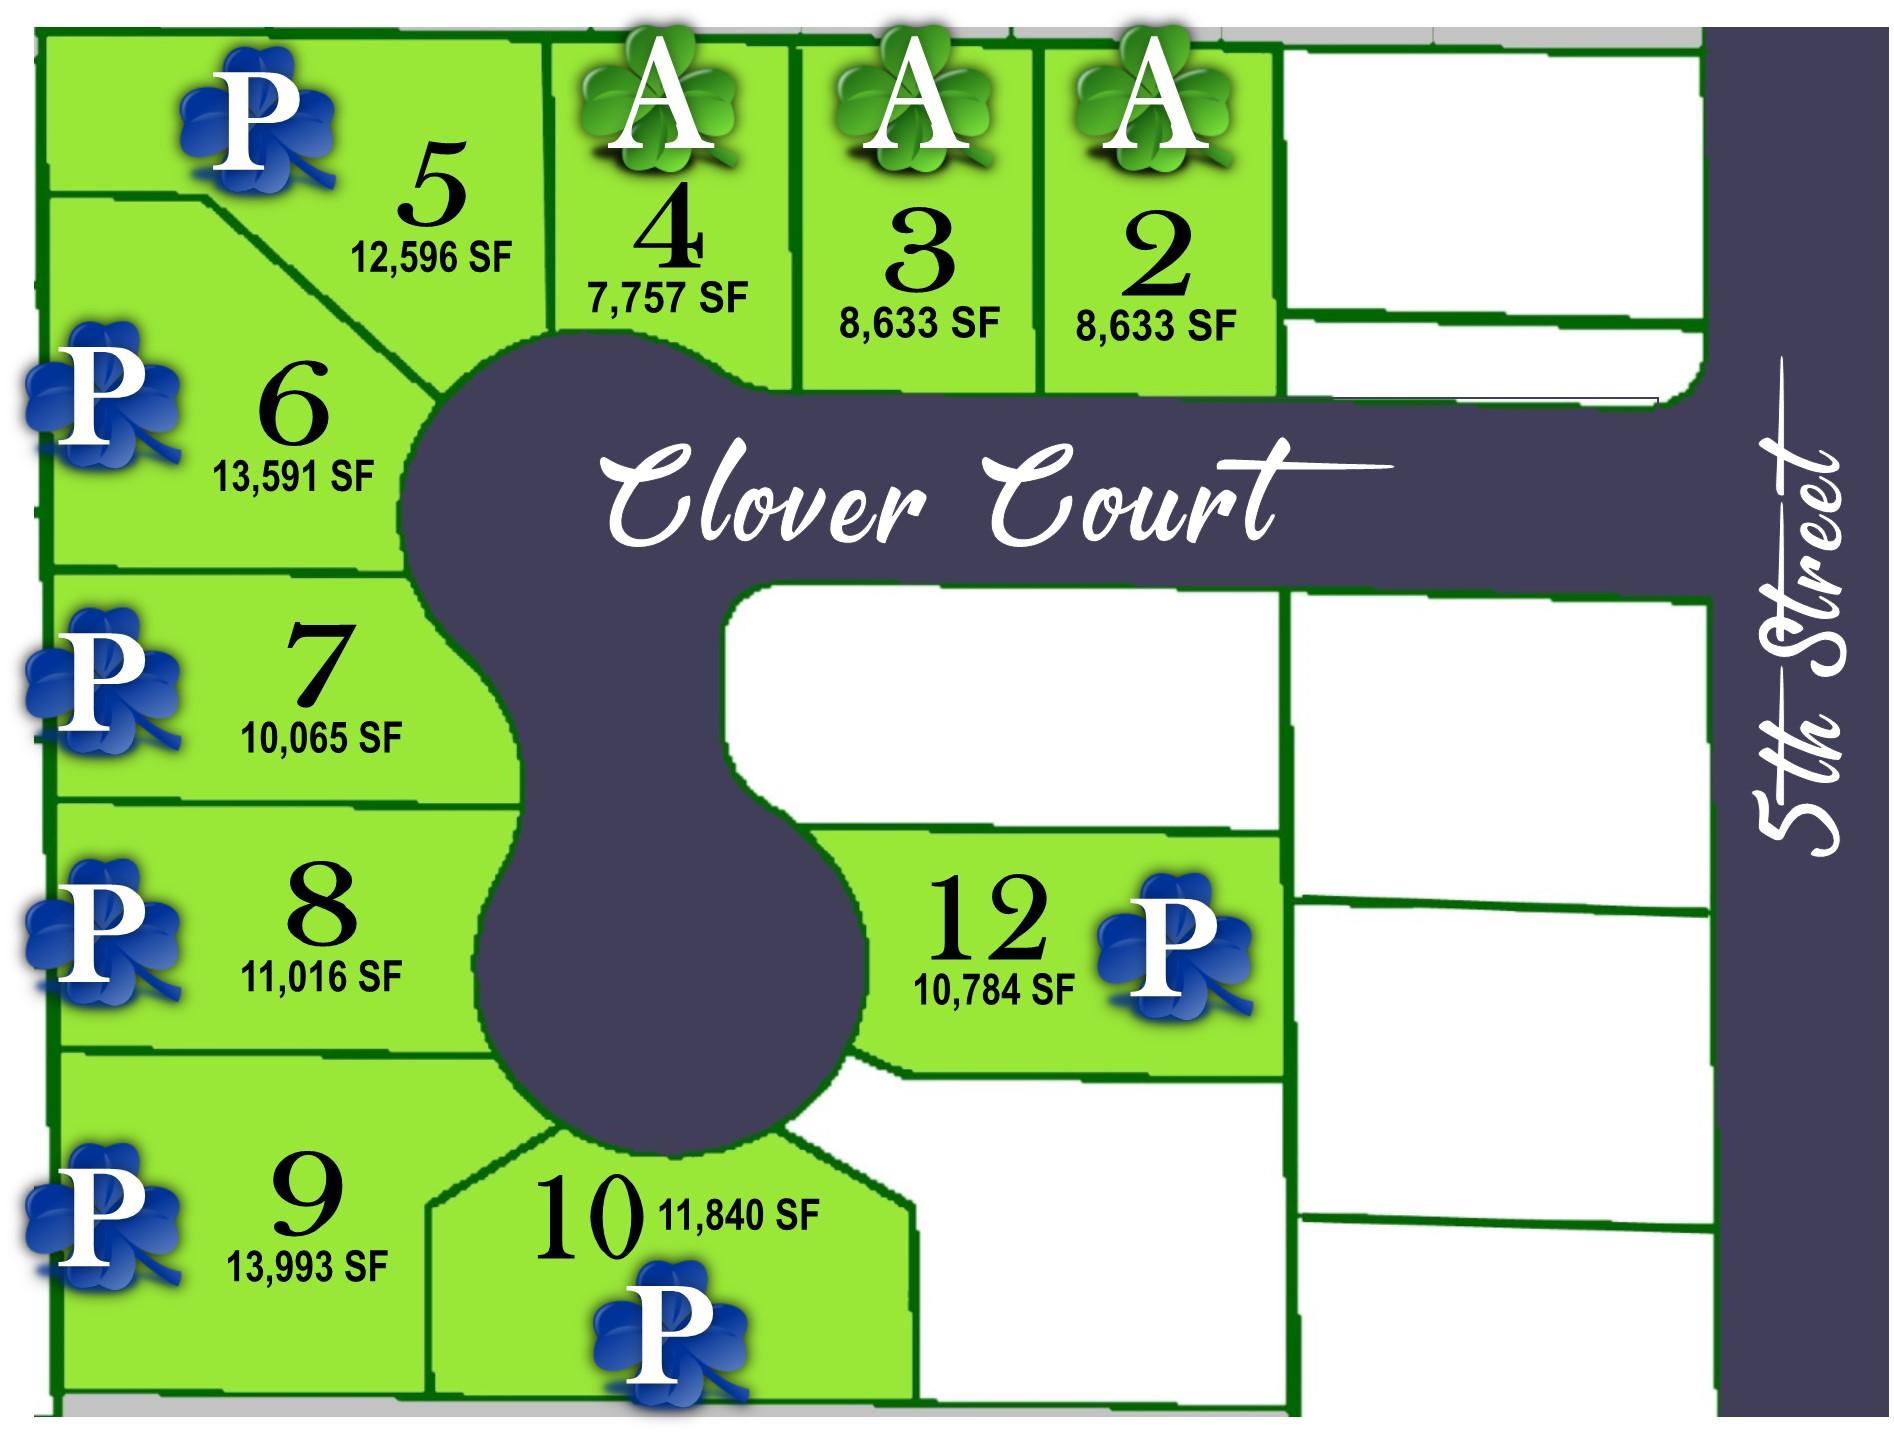 Clover Court